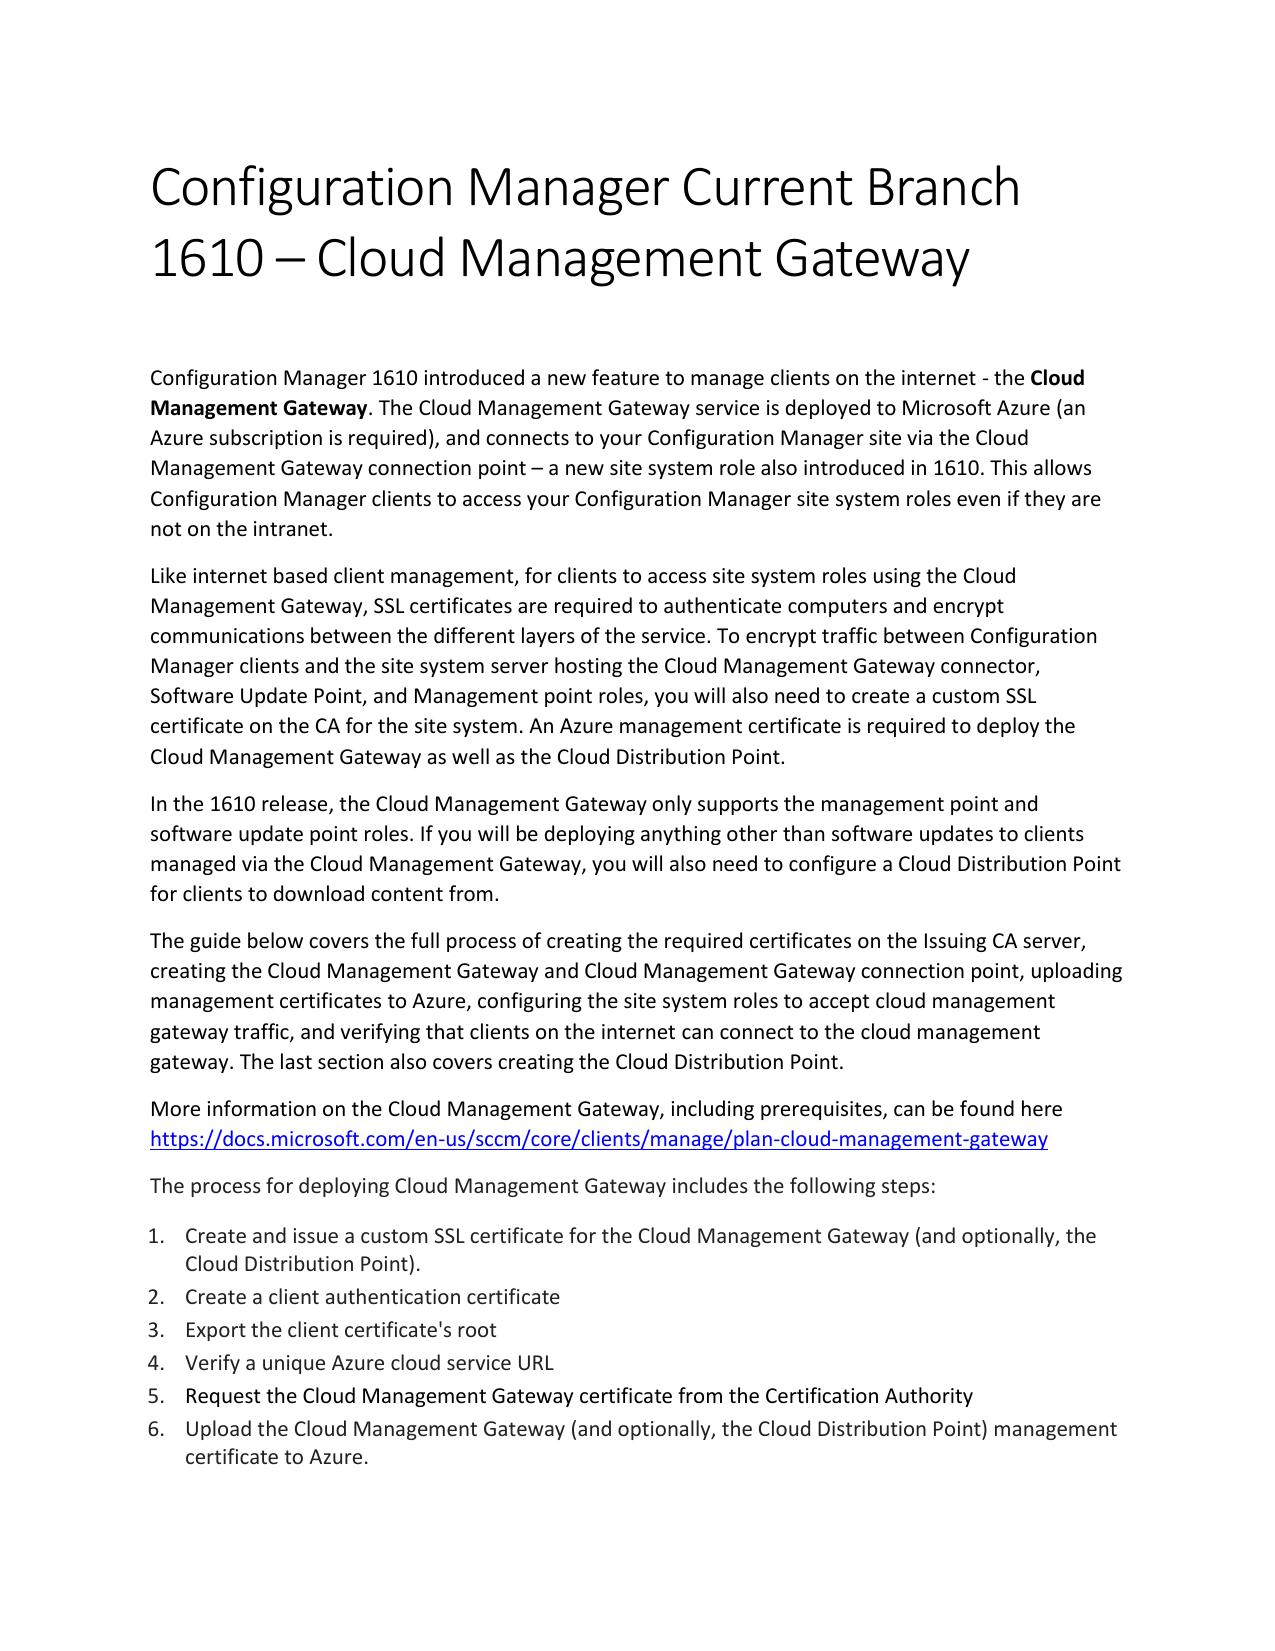 Configuration Manager Current Branch 1610 – Cloud Management